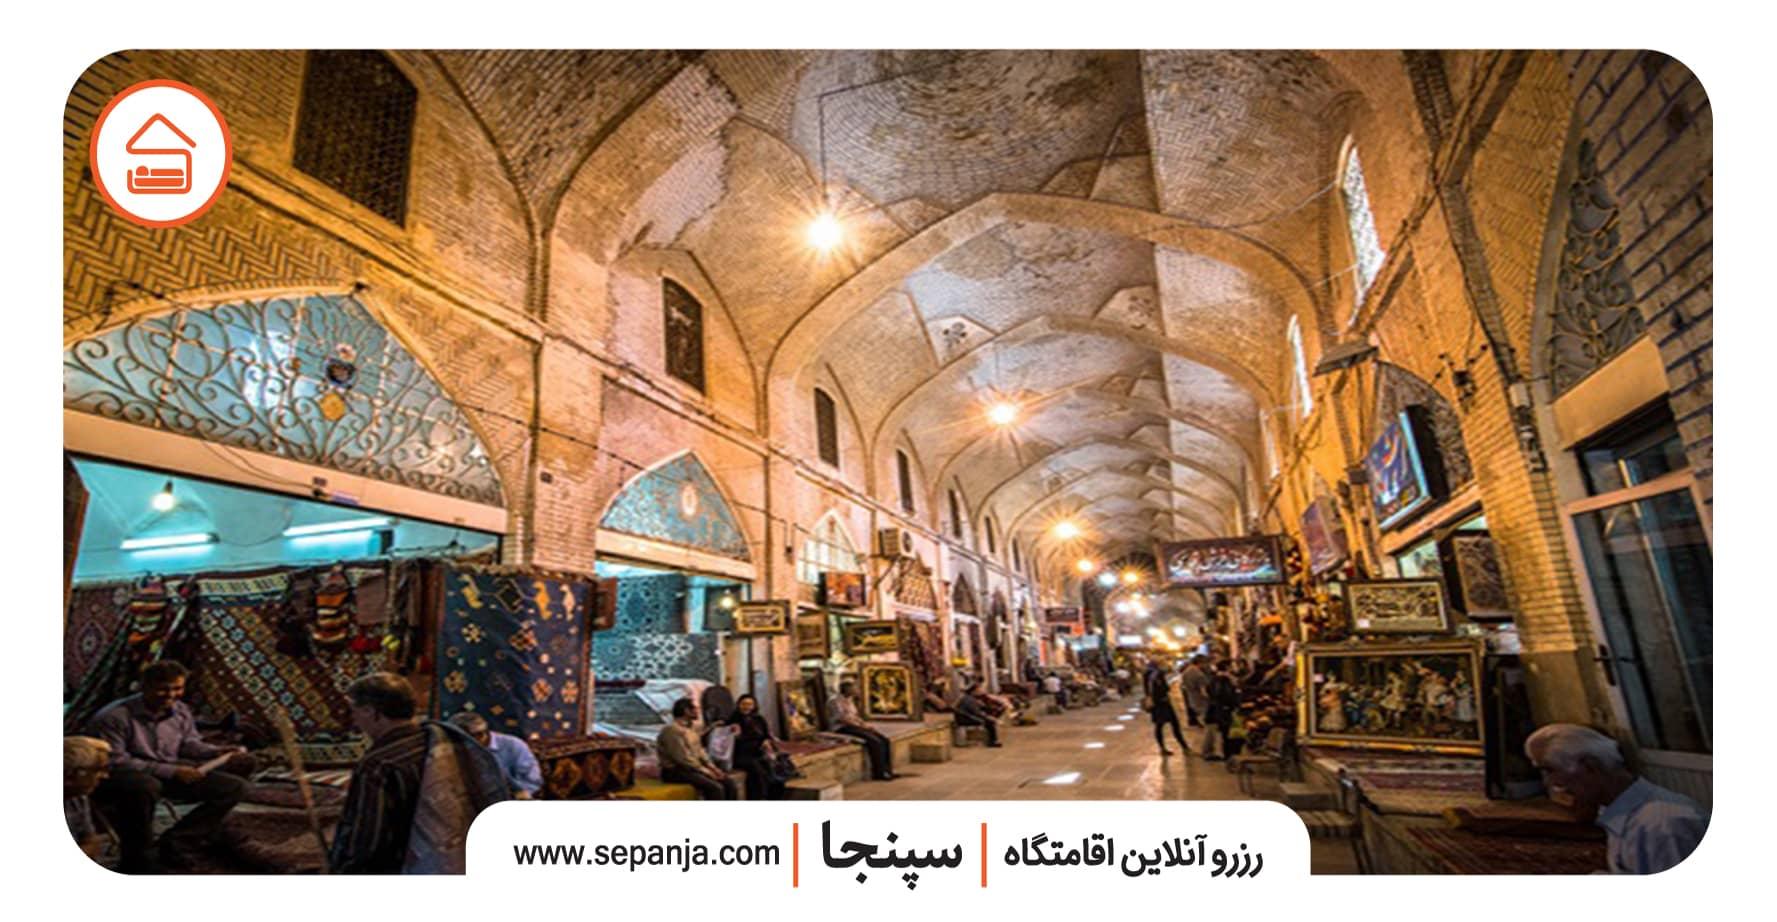 بازار وکیل شیراز و دیدنی هایش